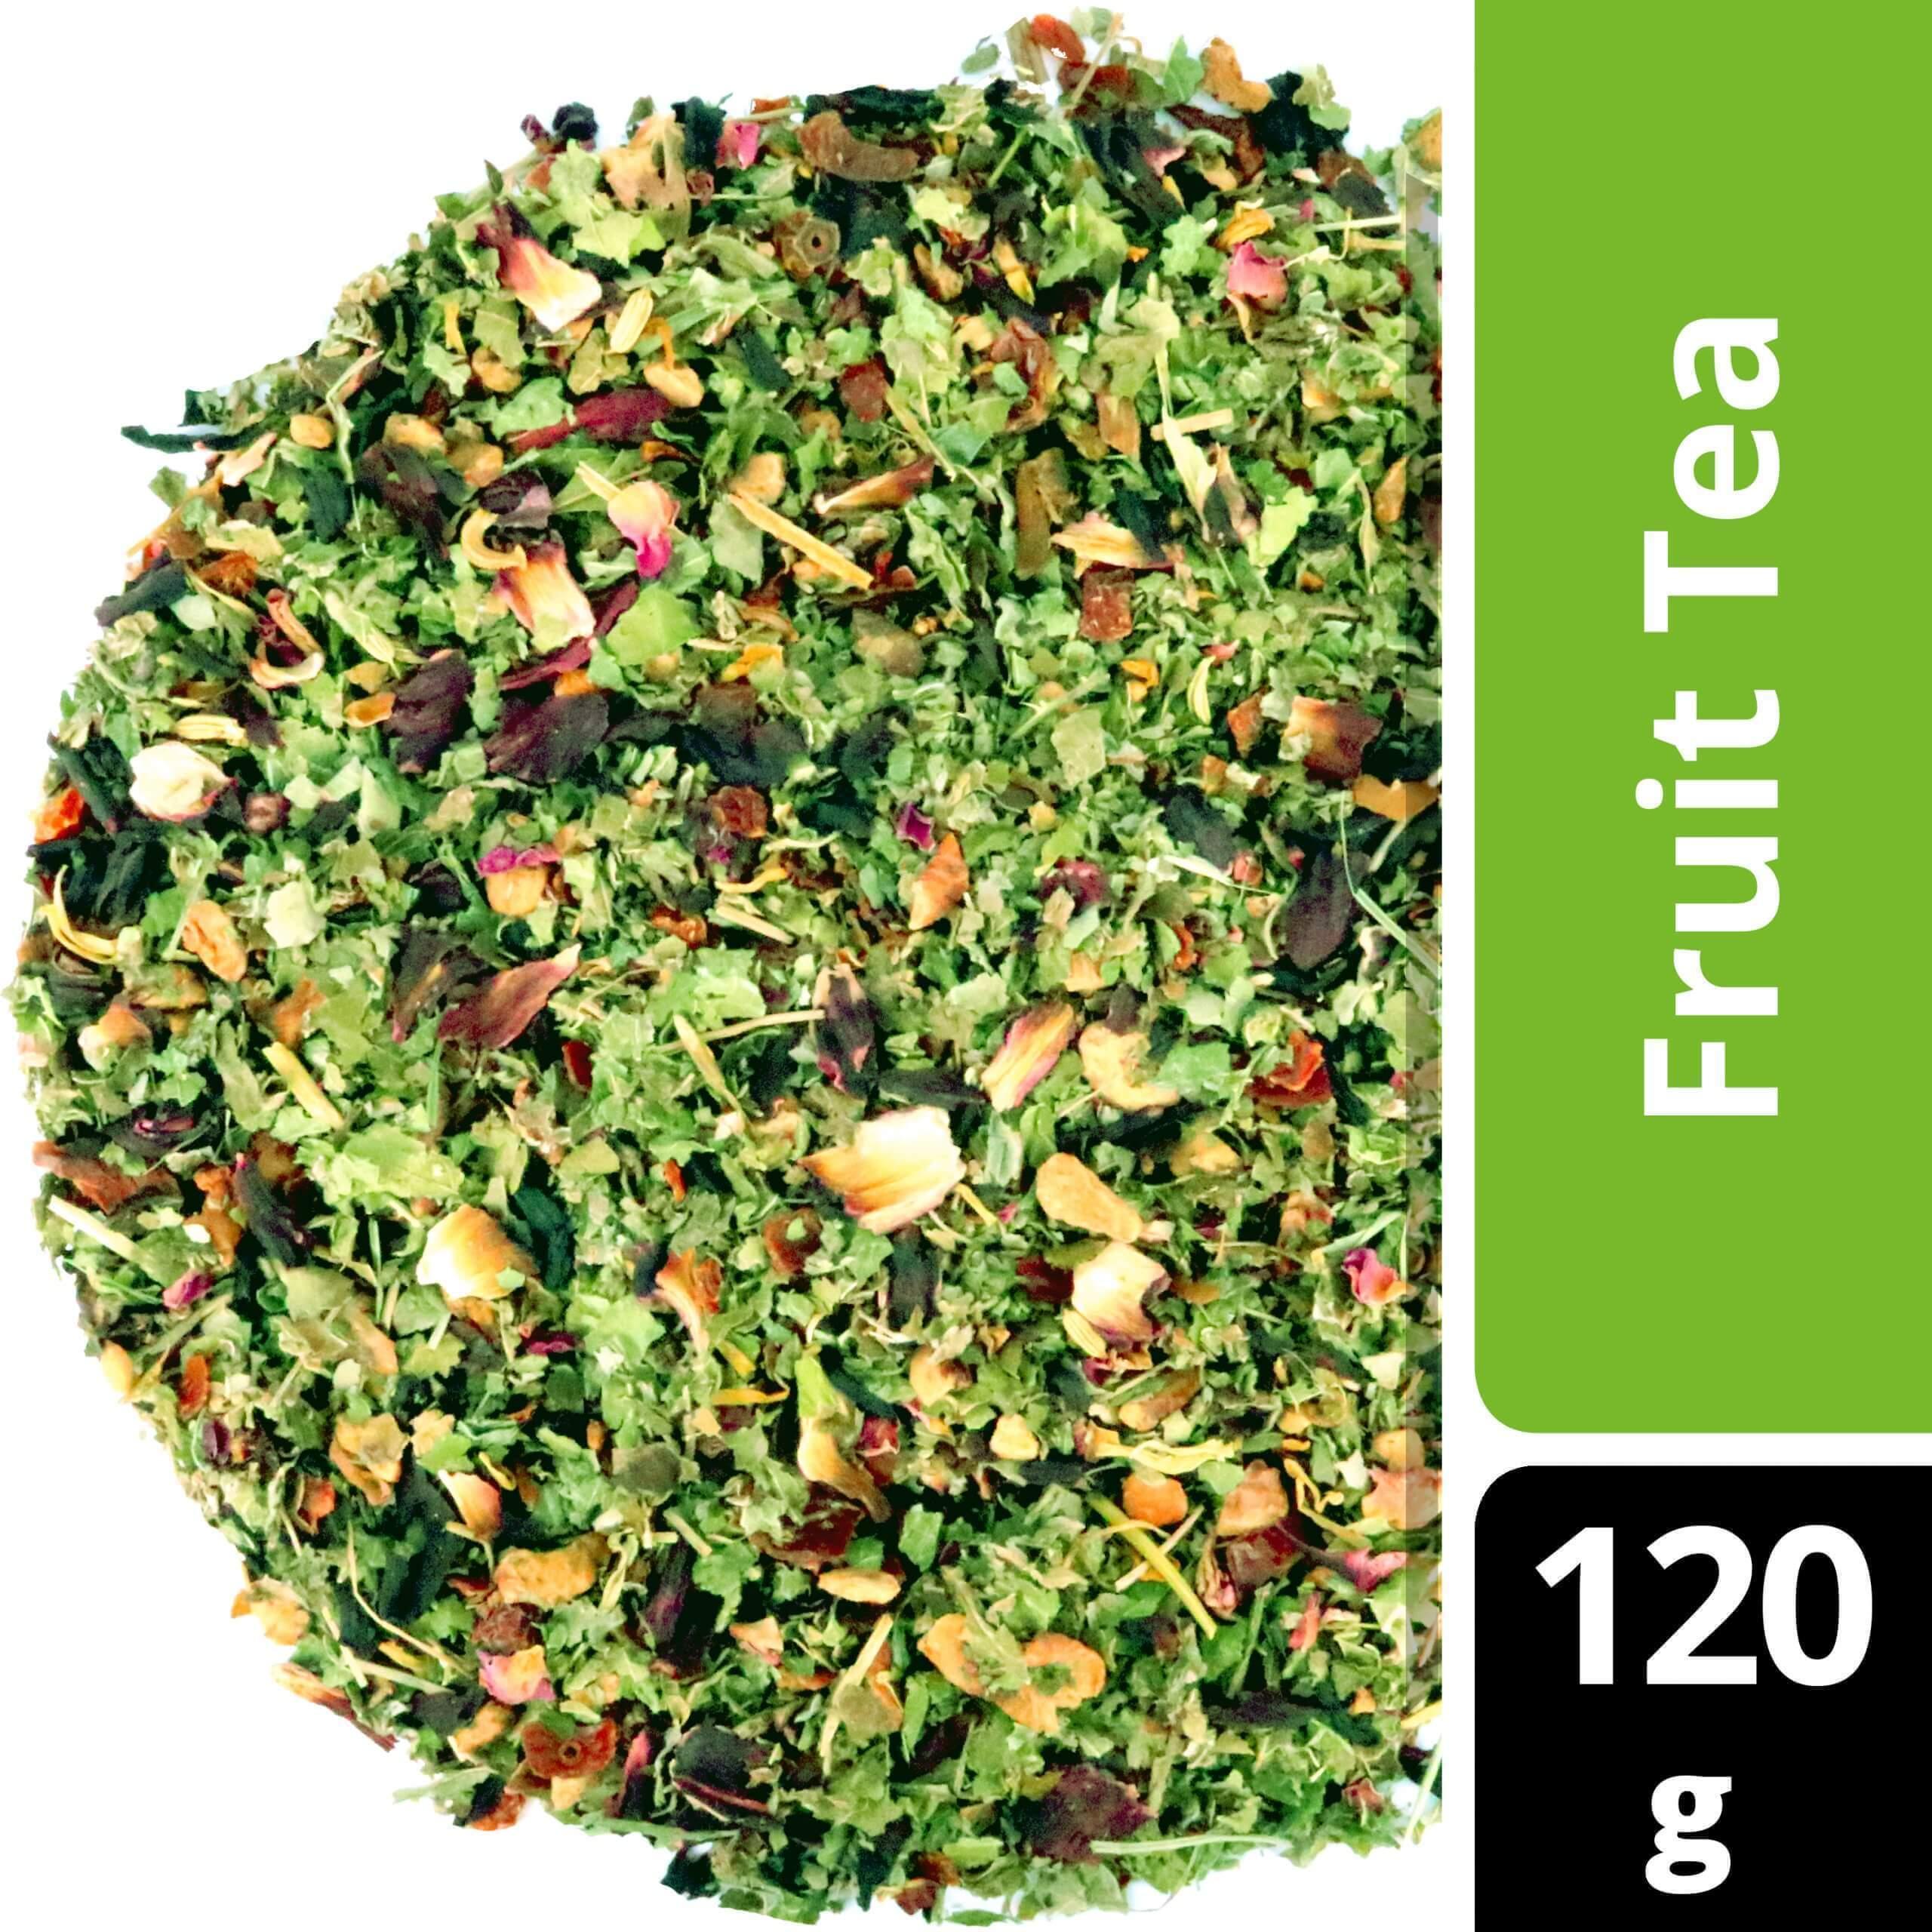 Roter Tee dient zur Fettverbrennung